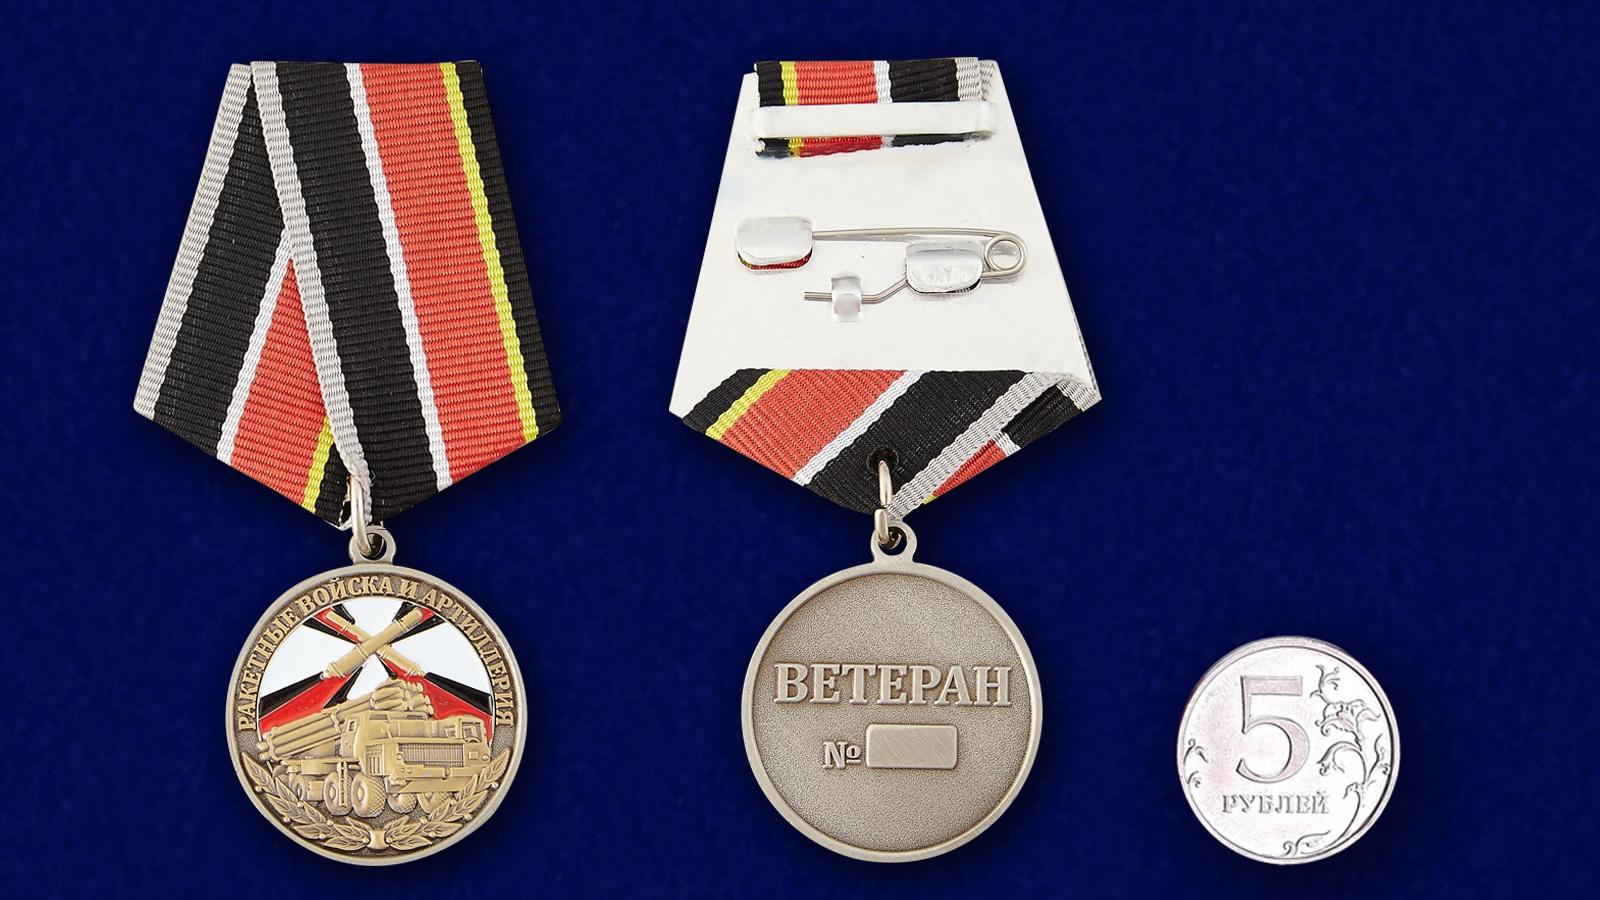 Медаль Ветеран РВиА  в футляре с удостоверением - сравнительный вид